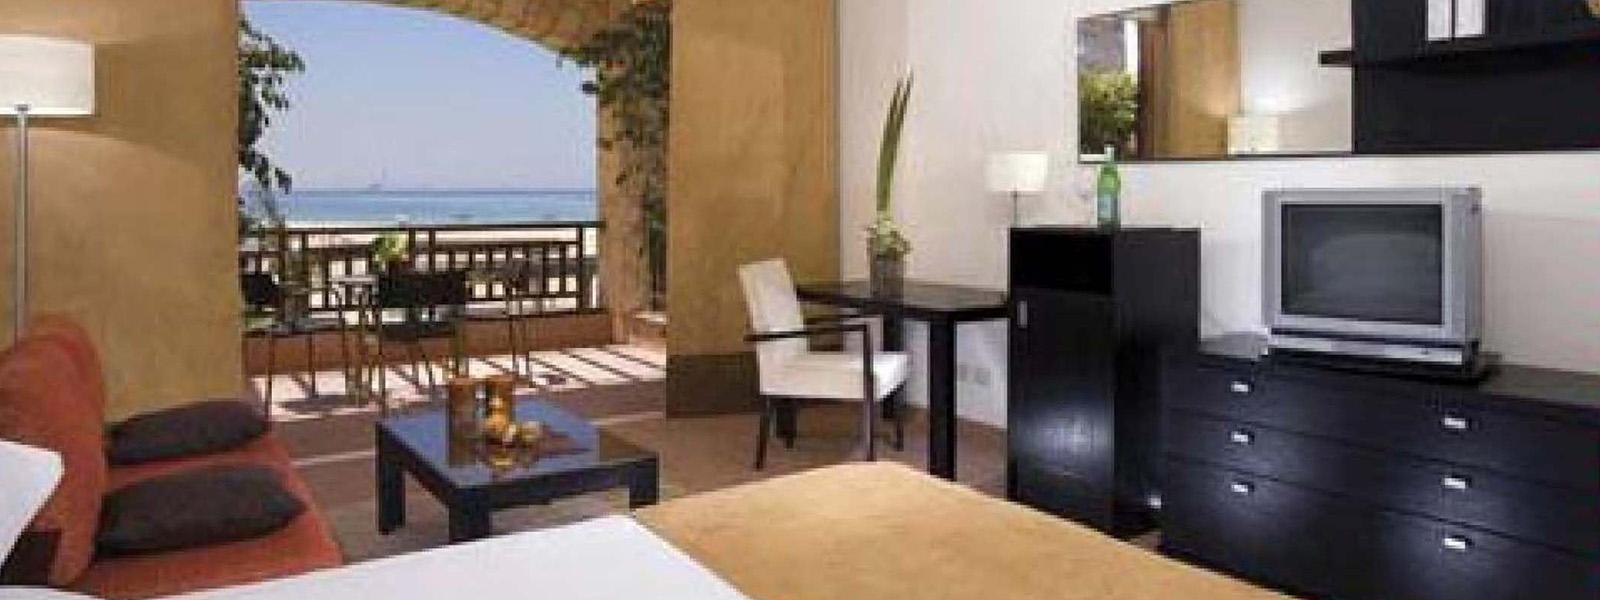 El Ain El Sokhna resort - IC